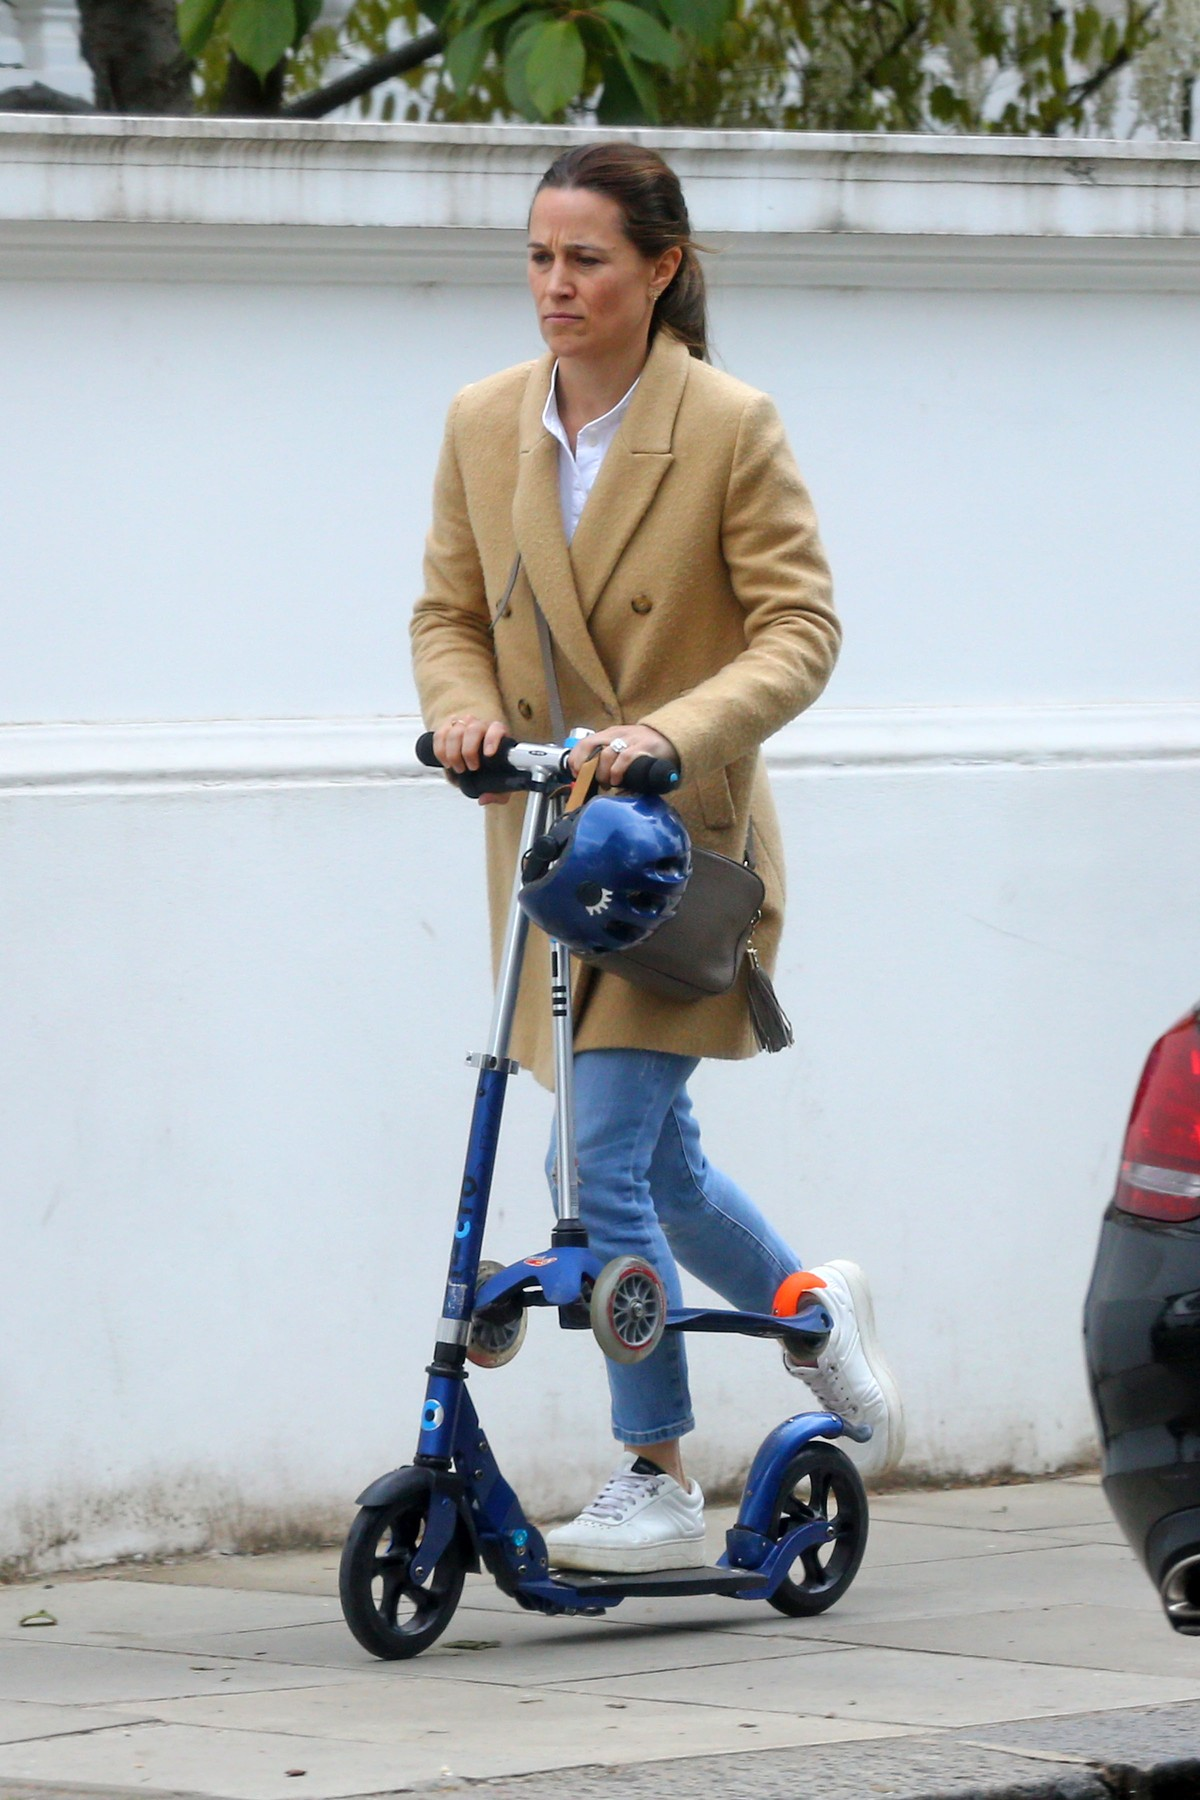 Pippa Middleton pe trotinetă îmbrăcată într-un palton crem, în timp ce ține în mână trotineta și casca de protecție pentru băiețelul său Arthur